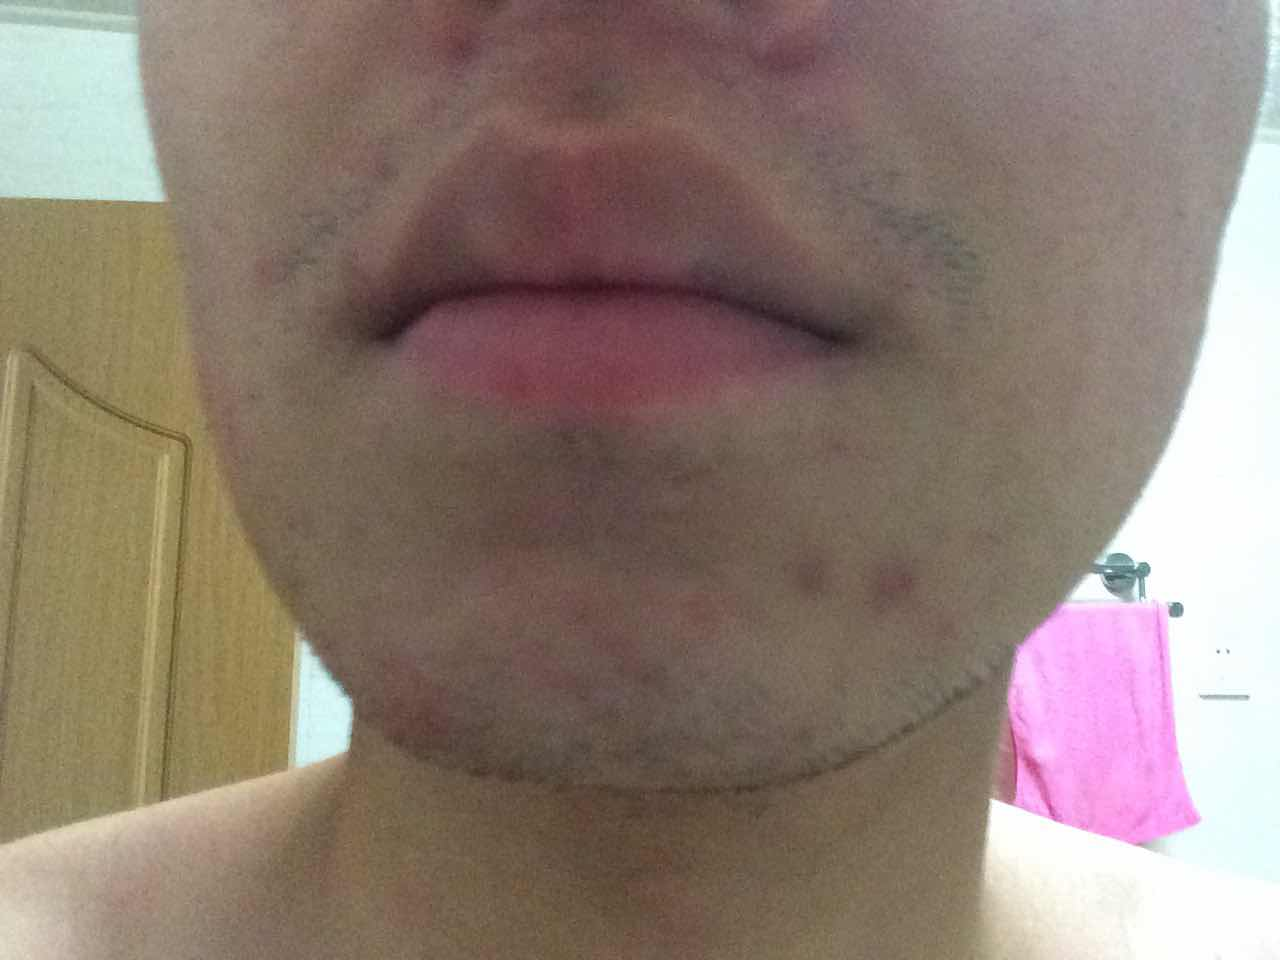 毛孔粗大可以根治吗,想先解决毛孔粗大,油脂分泌过旺,痘痘的问题。请问目前比较好的治疗仪器是什么?麻烦说清楚哦,不要光说激光,激光也有很多种。